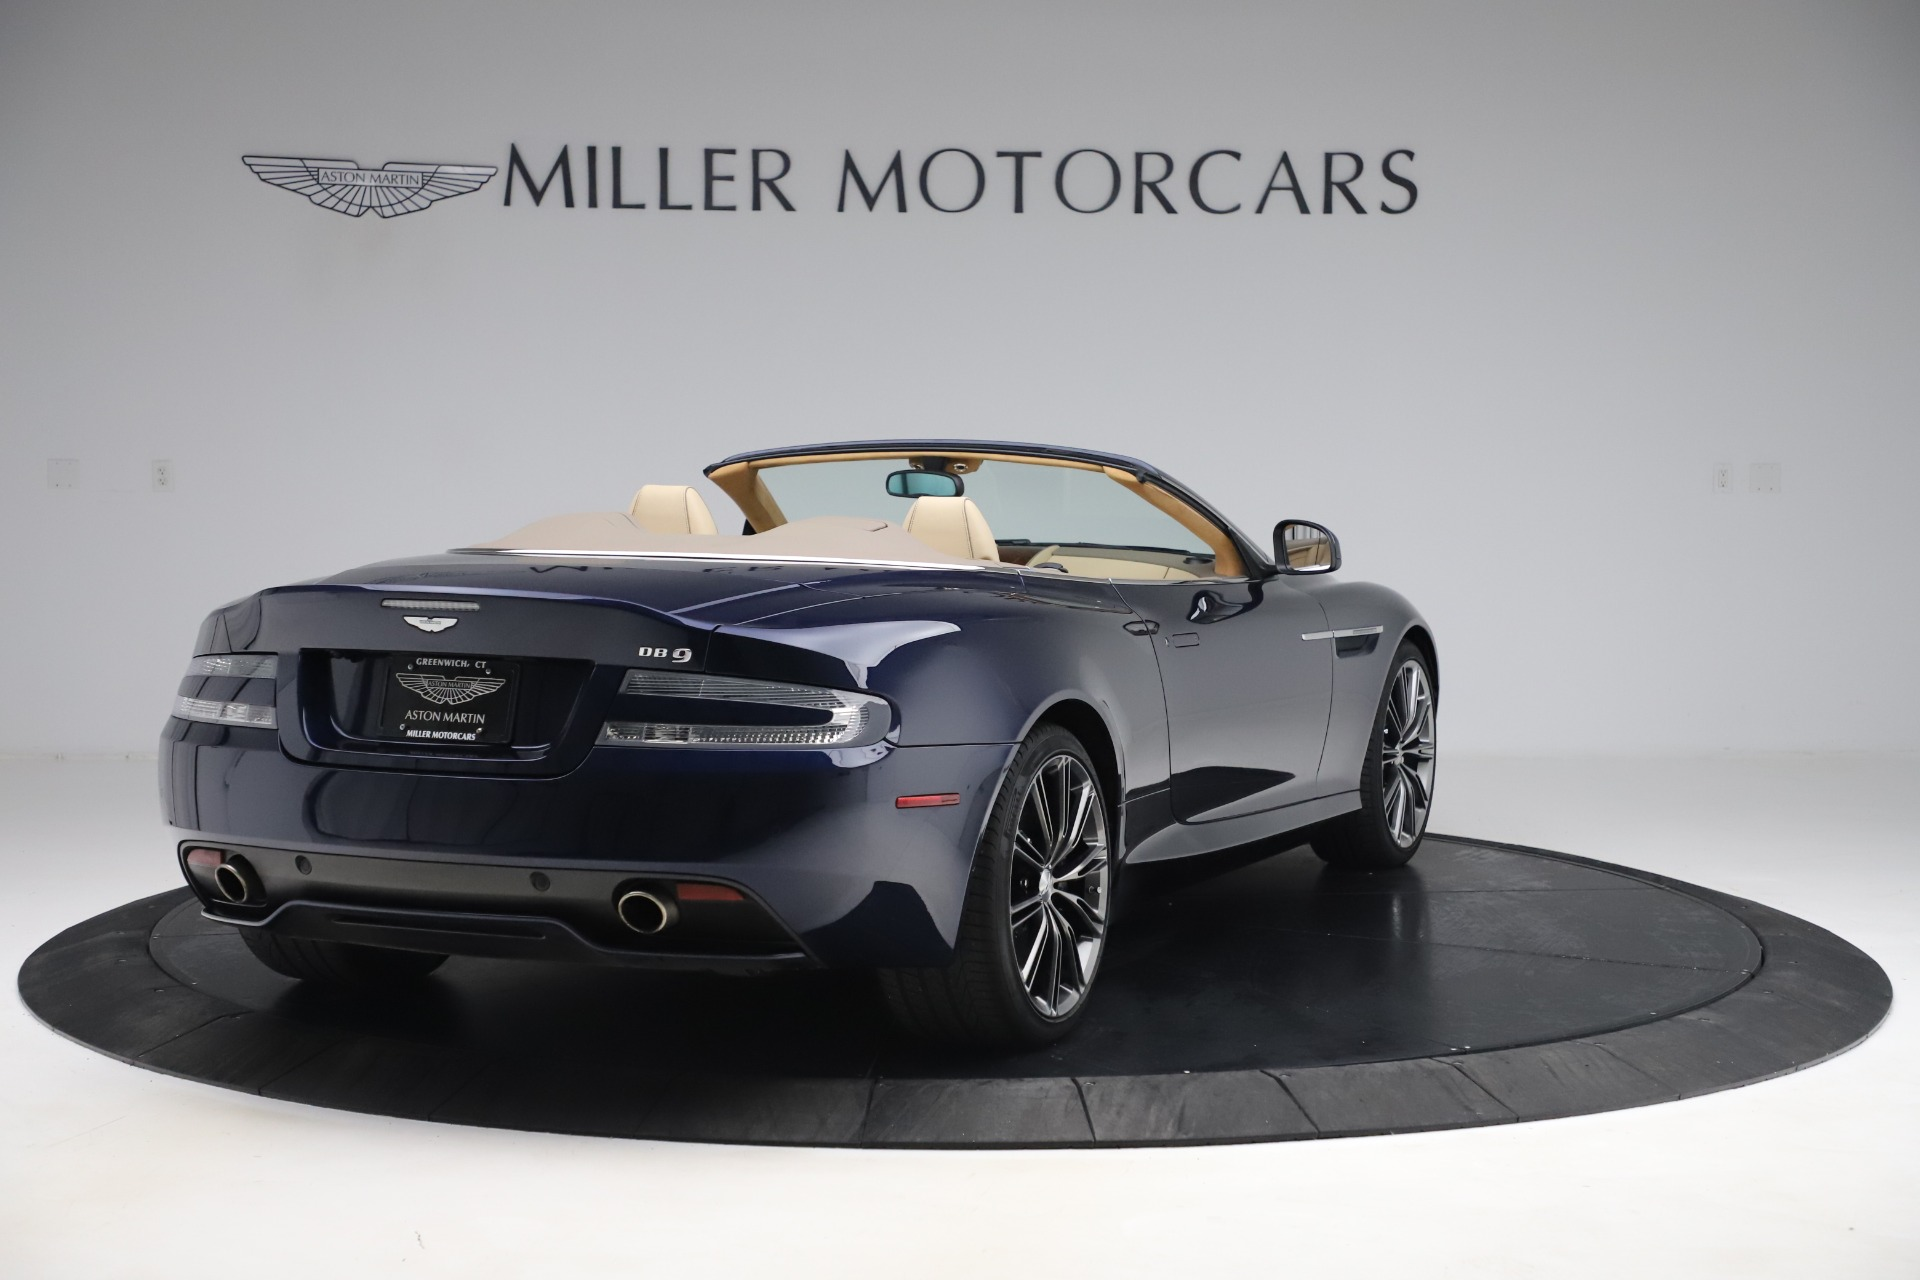 Used 2014 Aston Martin DB9 Volante For Sale In Greenwich, CT 3591_p7